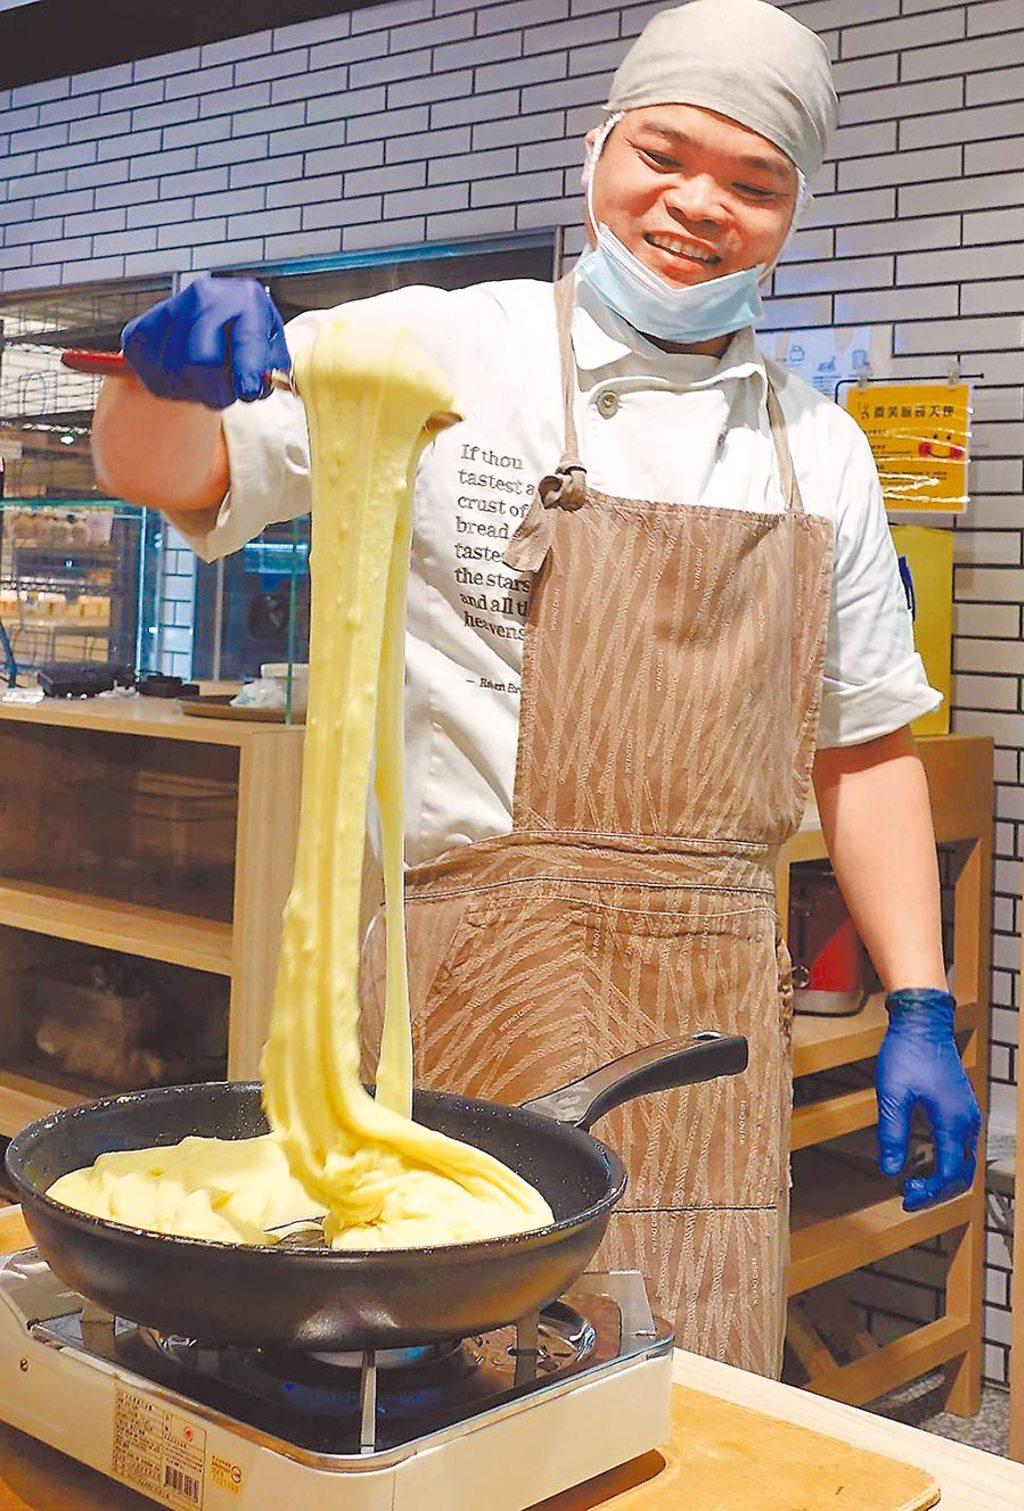 陳明模師傅一舉拉起的薯泥,宛如氣勢磅礡的瀑布。